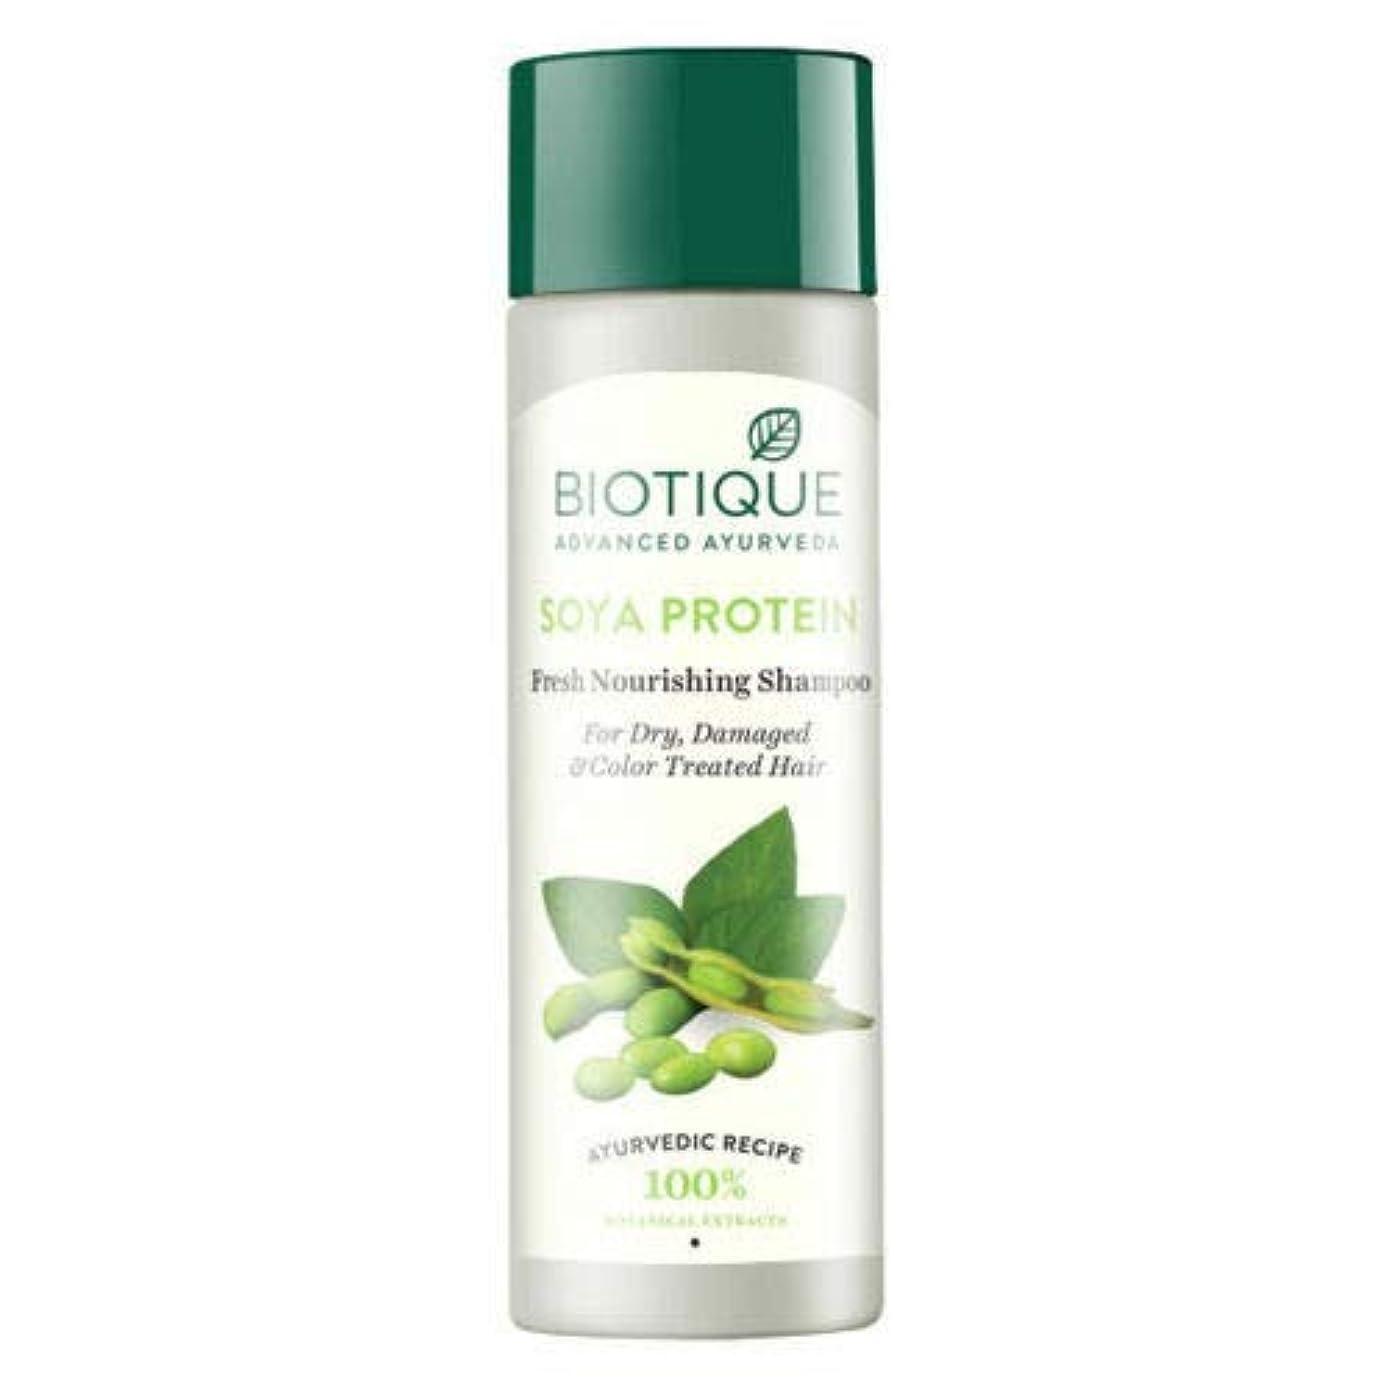 転送ルーチン同封するBiotique Bio Soya Protein Fresh Nourishing Shampoo (190 ml) For Dry Hairs 乾いた毛のためのBiotiqueバイオ大豆タンパク質新鮮な栄養シャンプー